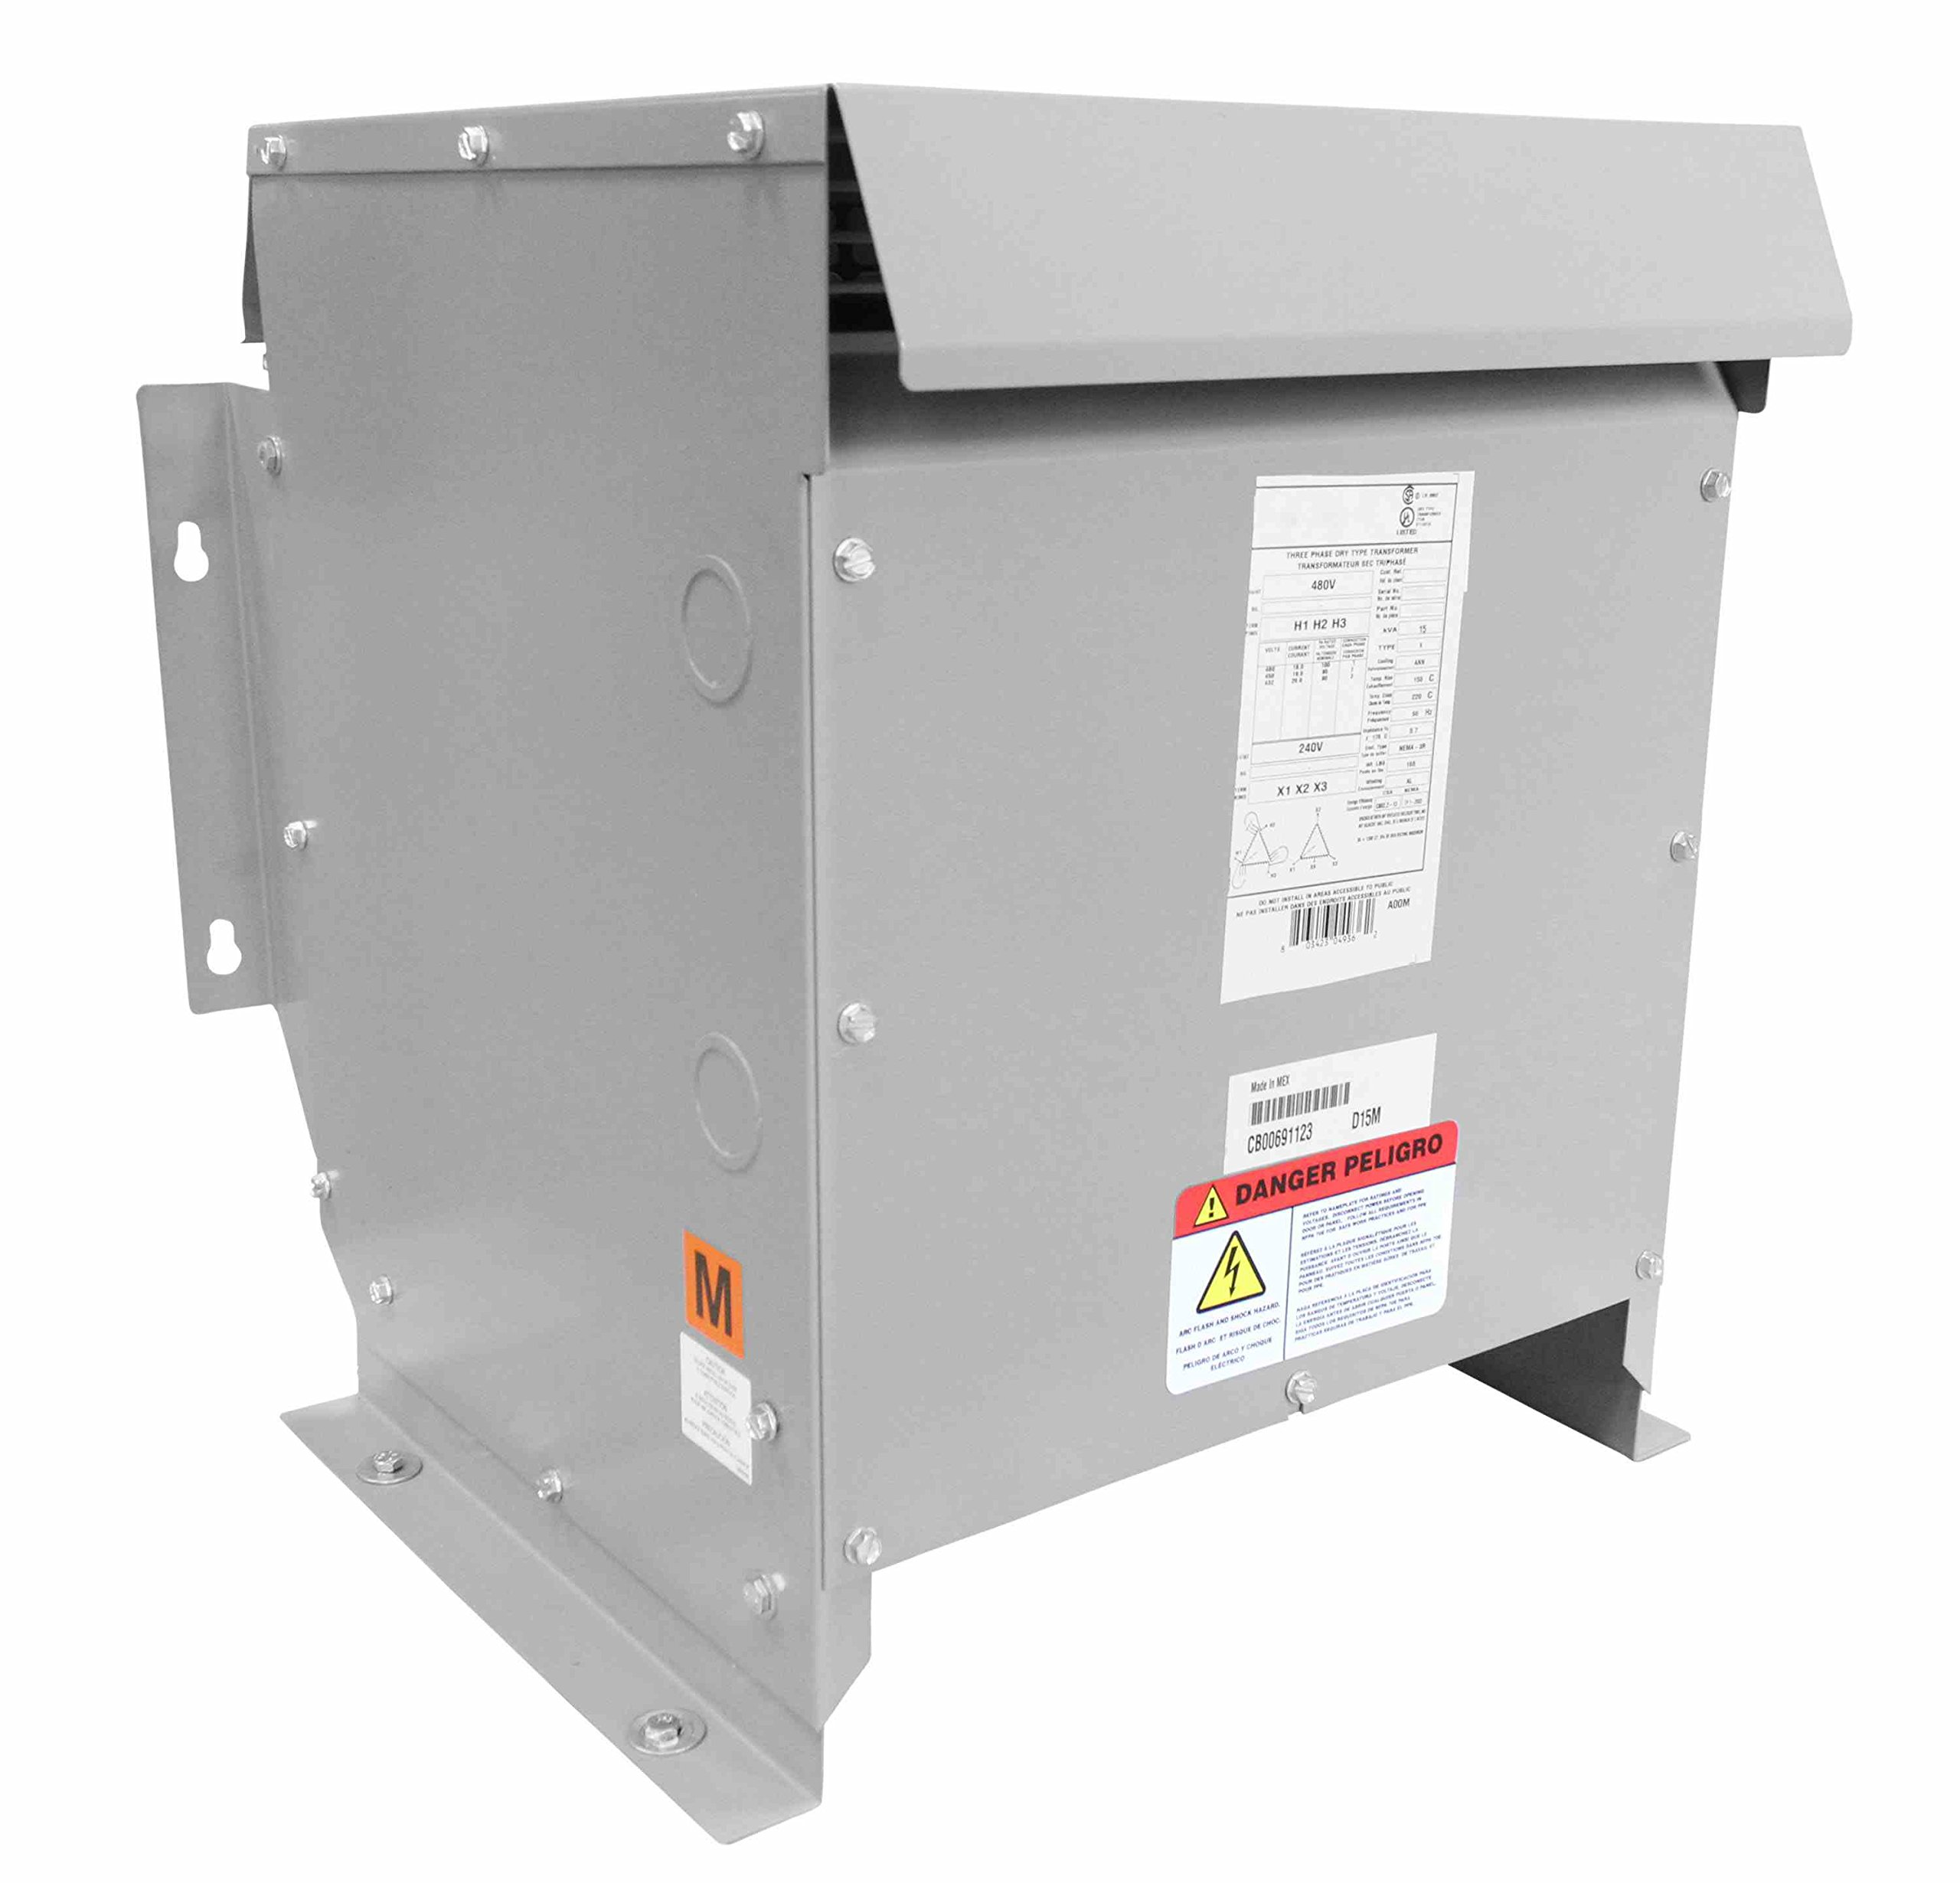 9 kVA Transformer - 480V Delta Primary Voltage - 380Y/220 Wye-N Secondary Voltage - NEMA 3R